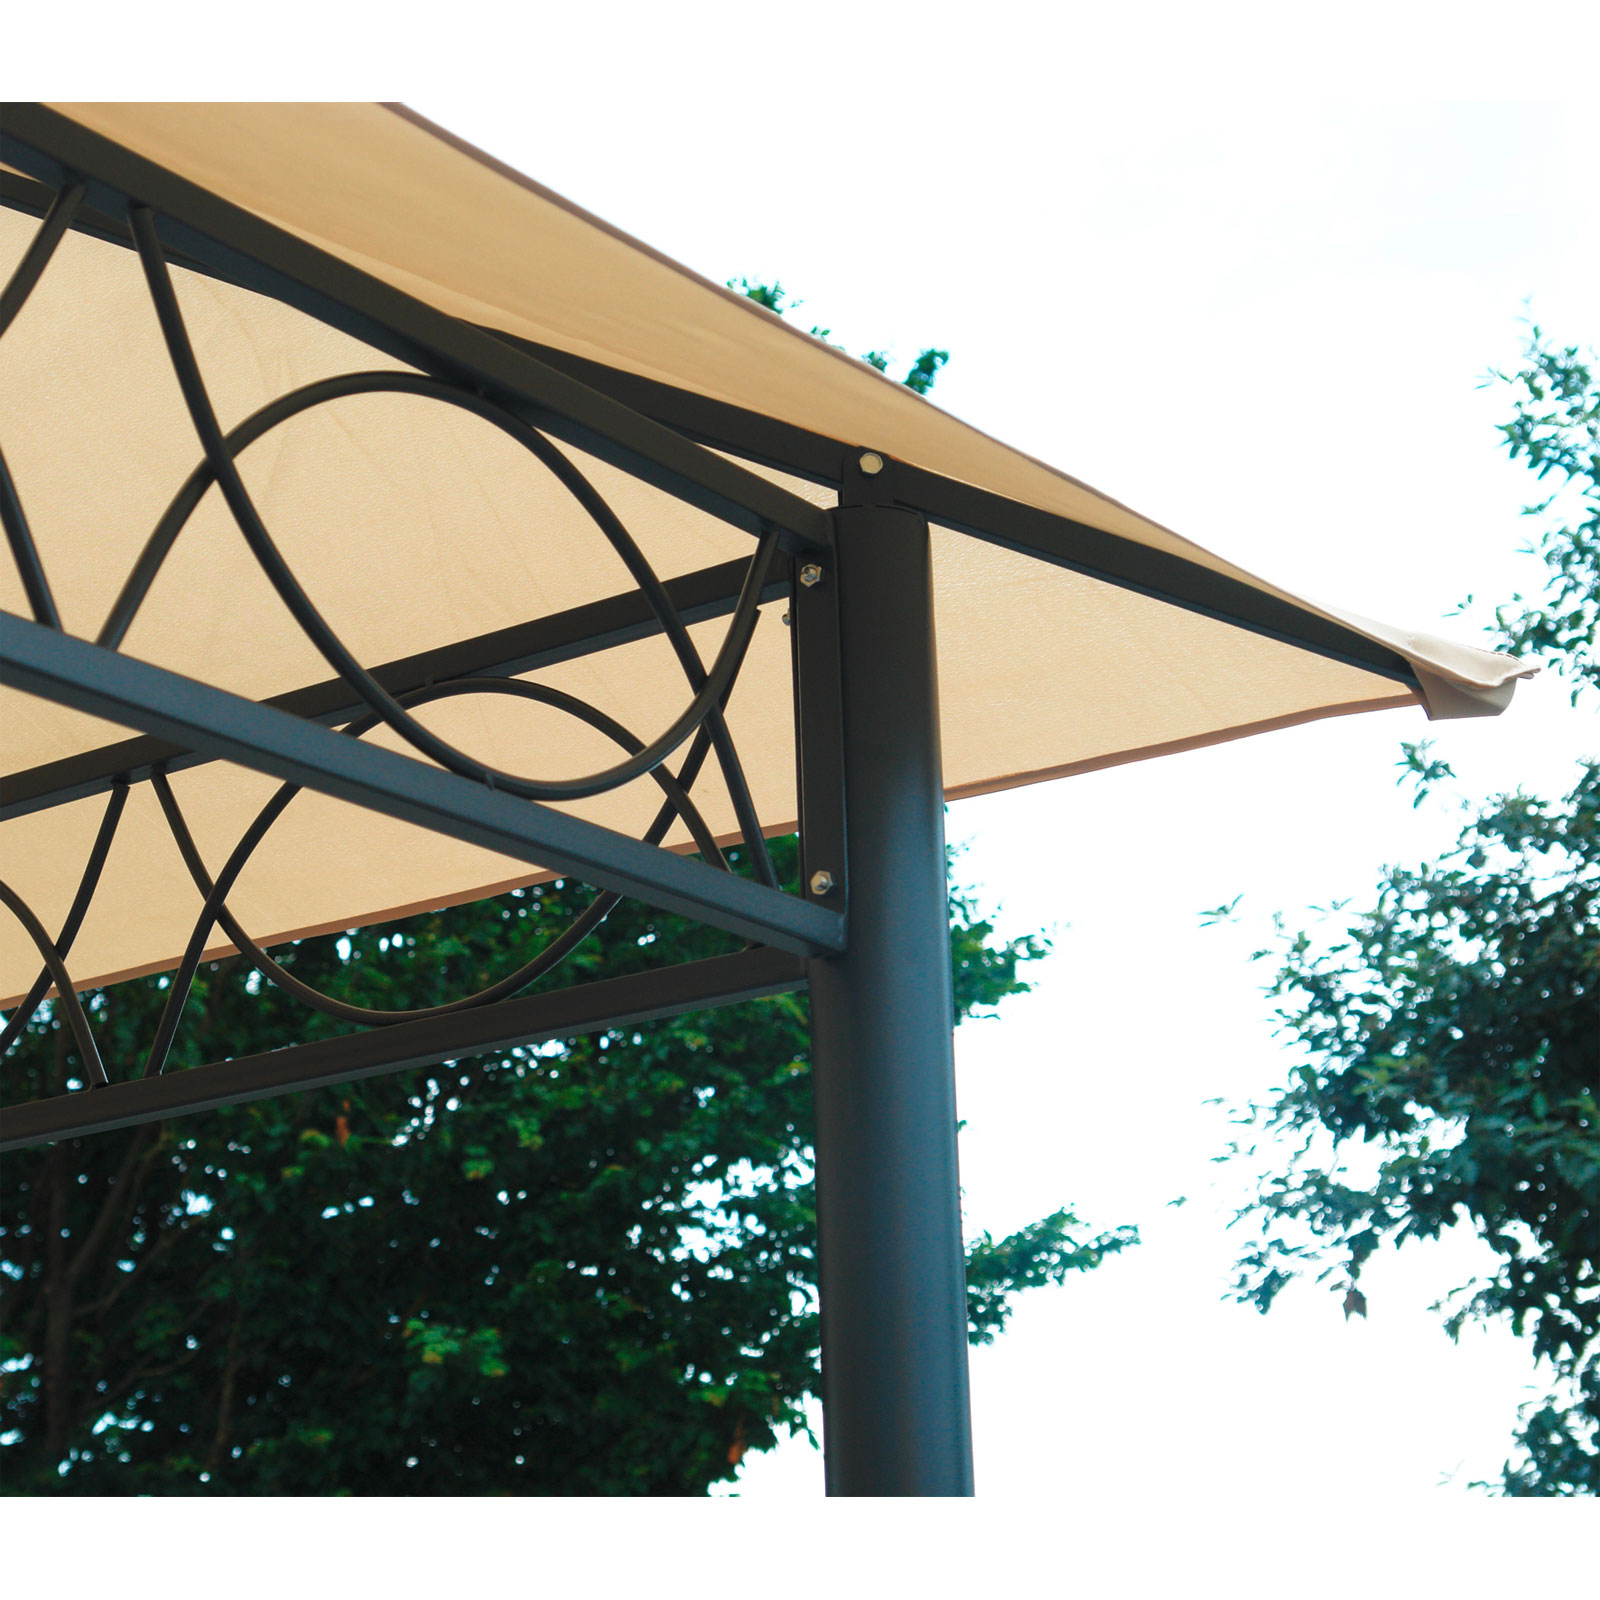 pavillon mit festem dach pavillon holz mit festem dach m. Black Bedroom Furniture Sets. Home Design Ideas